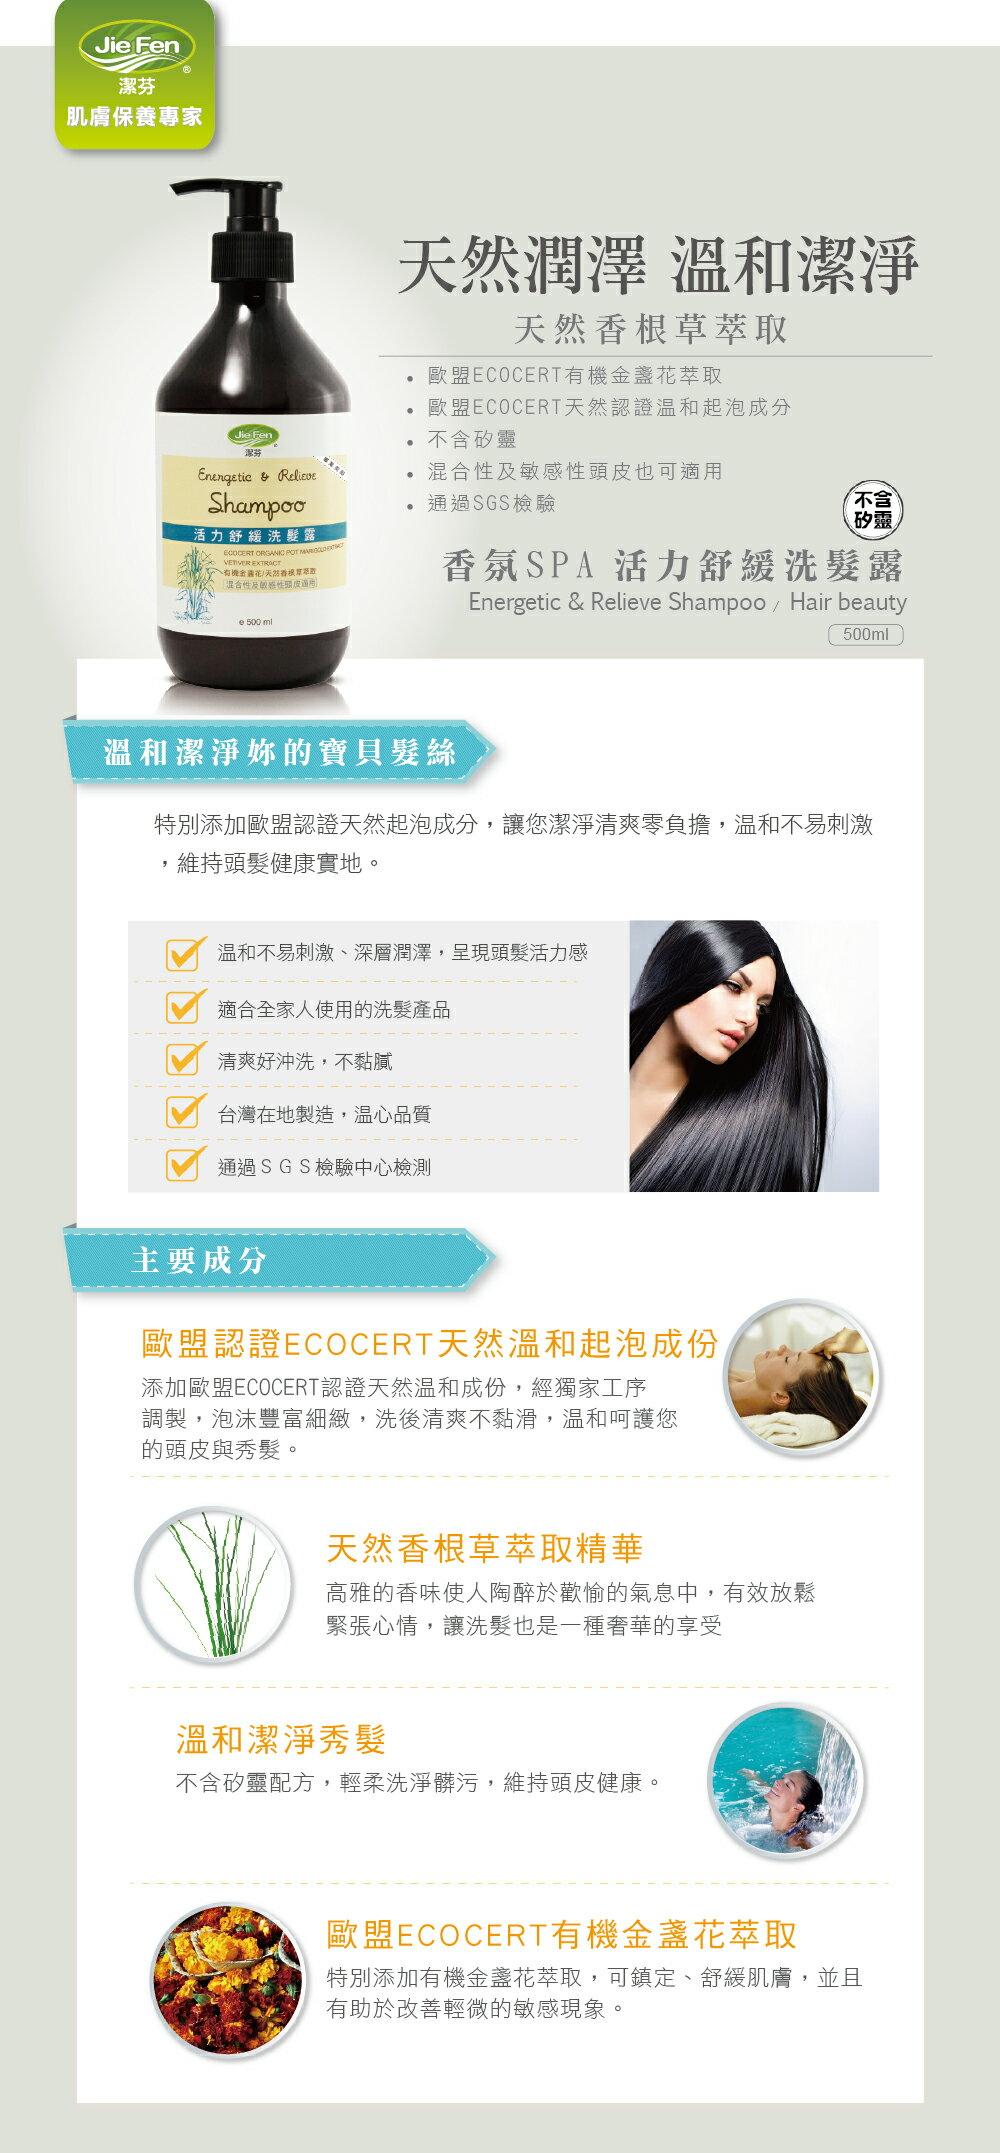 『121婦嬰用品館』潔芬 活力舒緩洗髮露(香根草) - 500ml 1